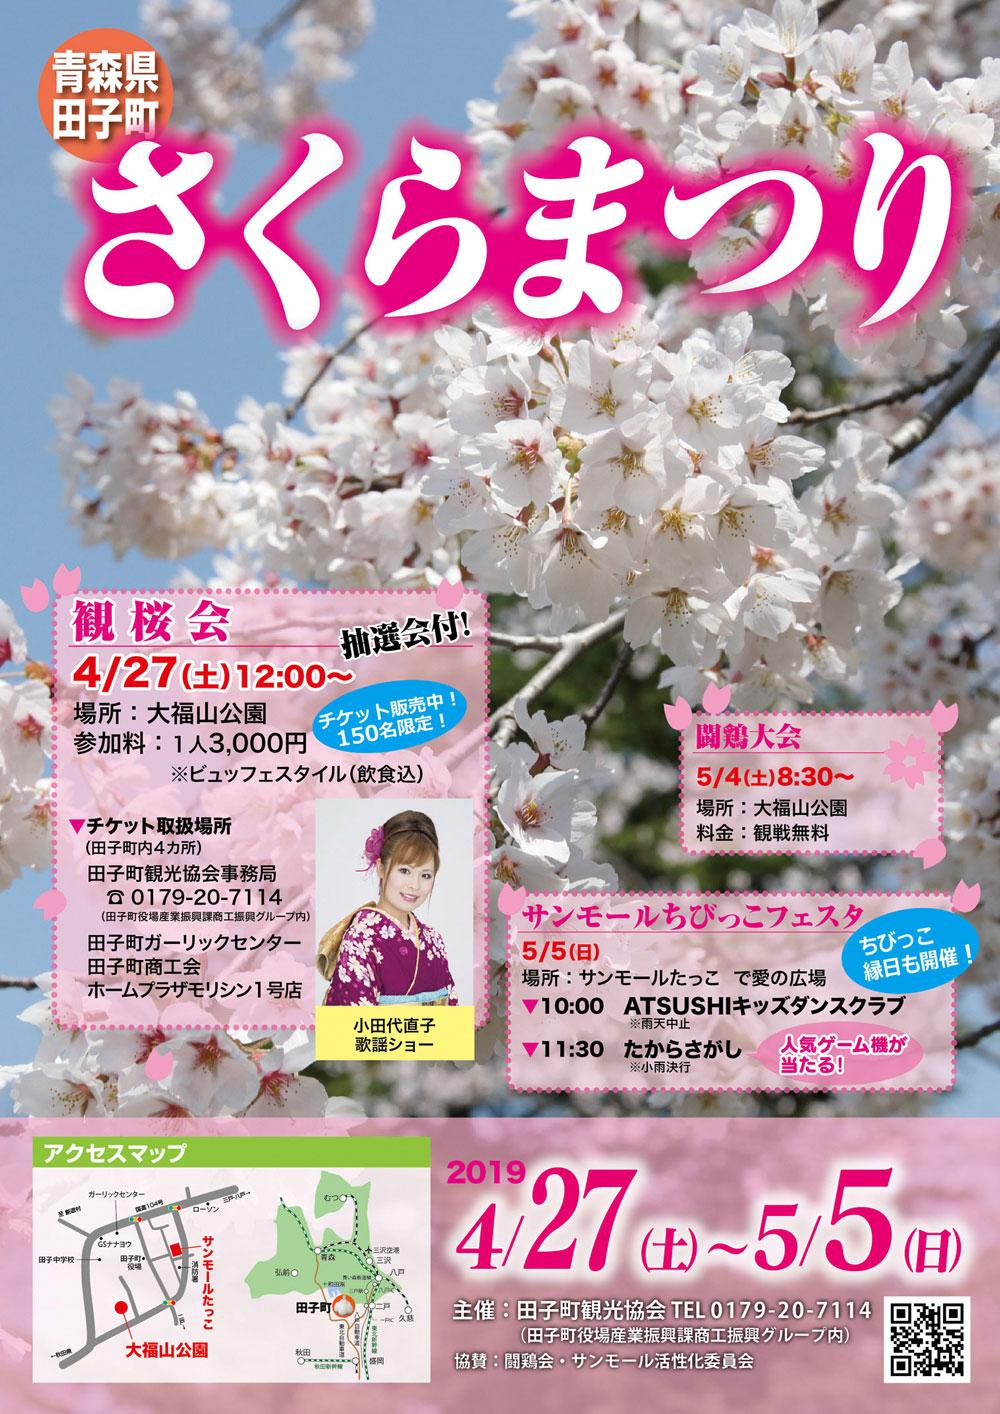 田子町さくらまつり 201904/27~05/05